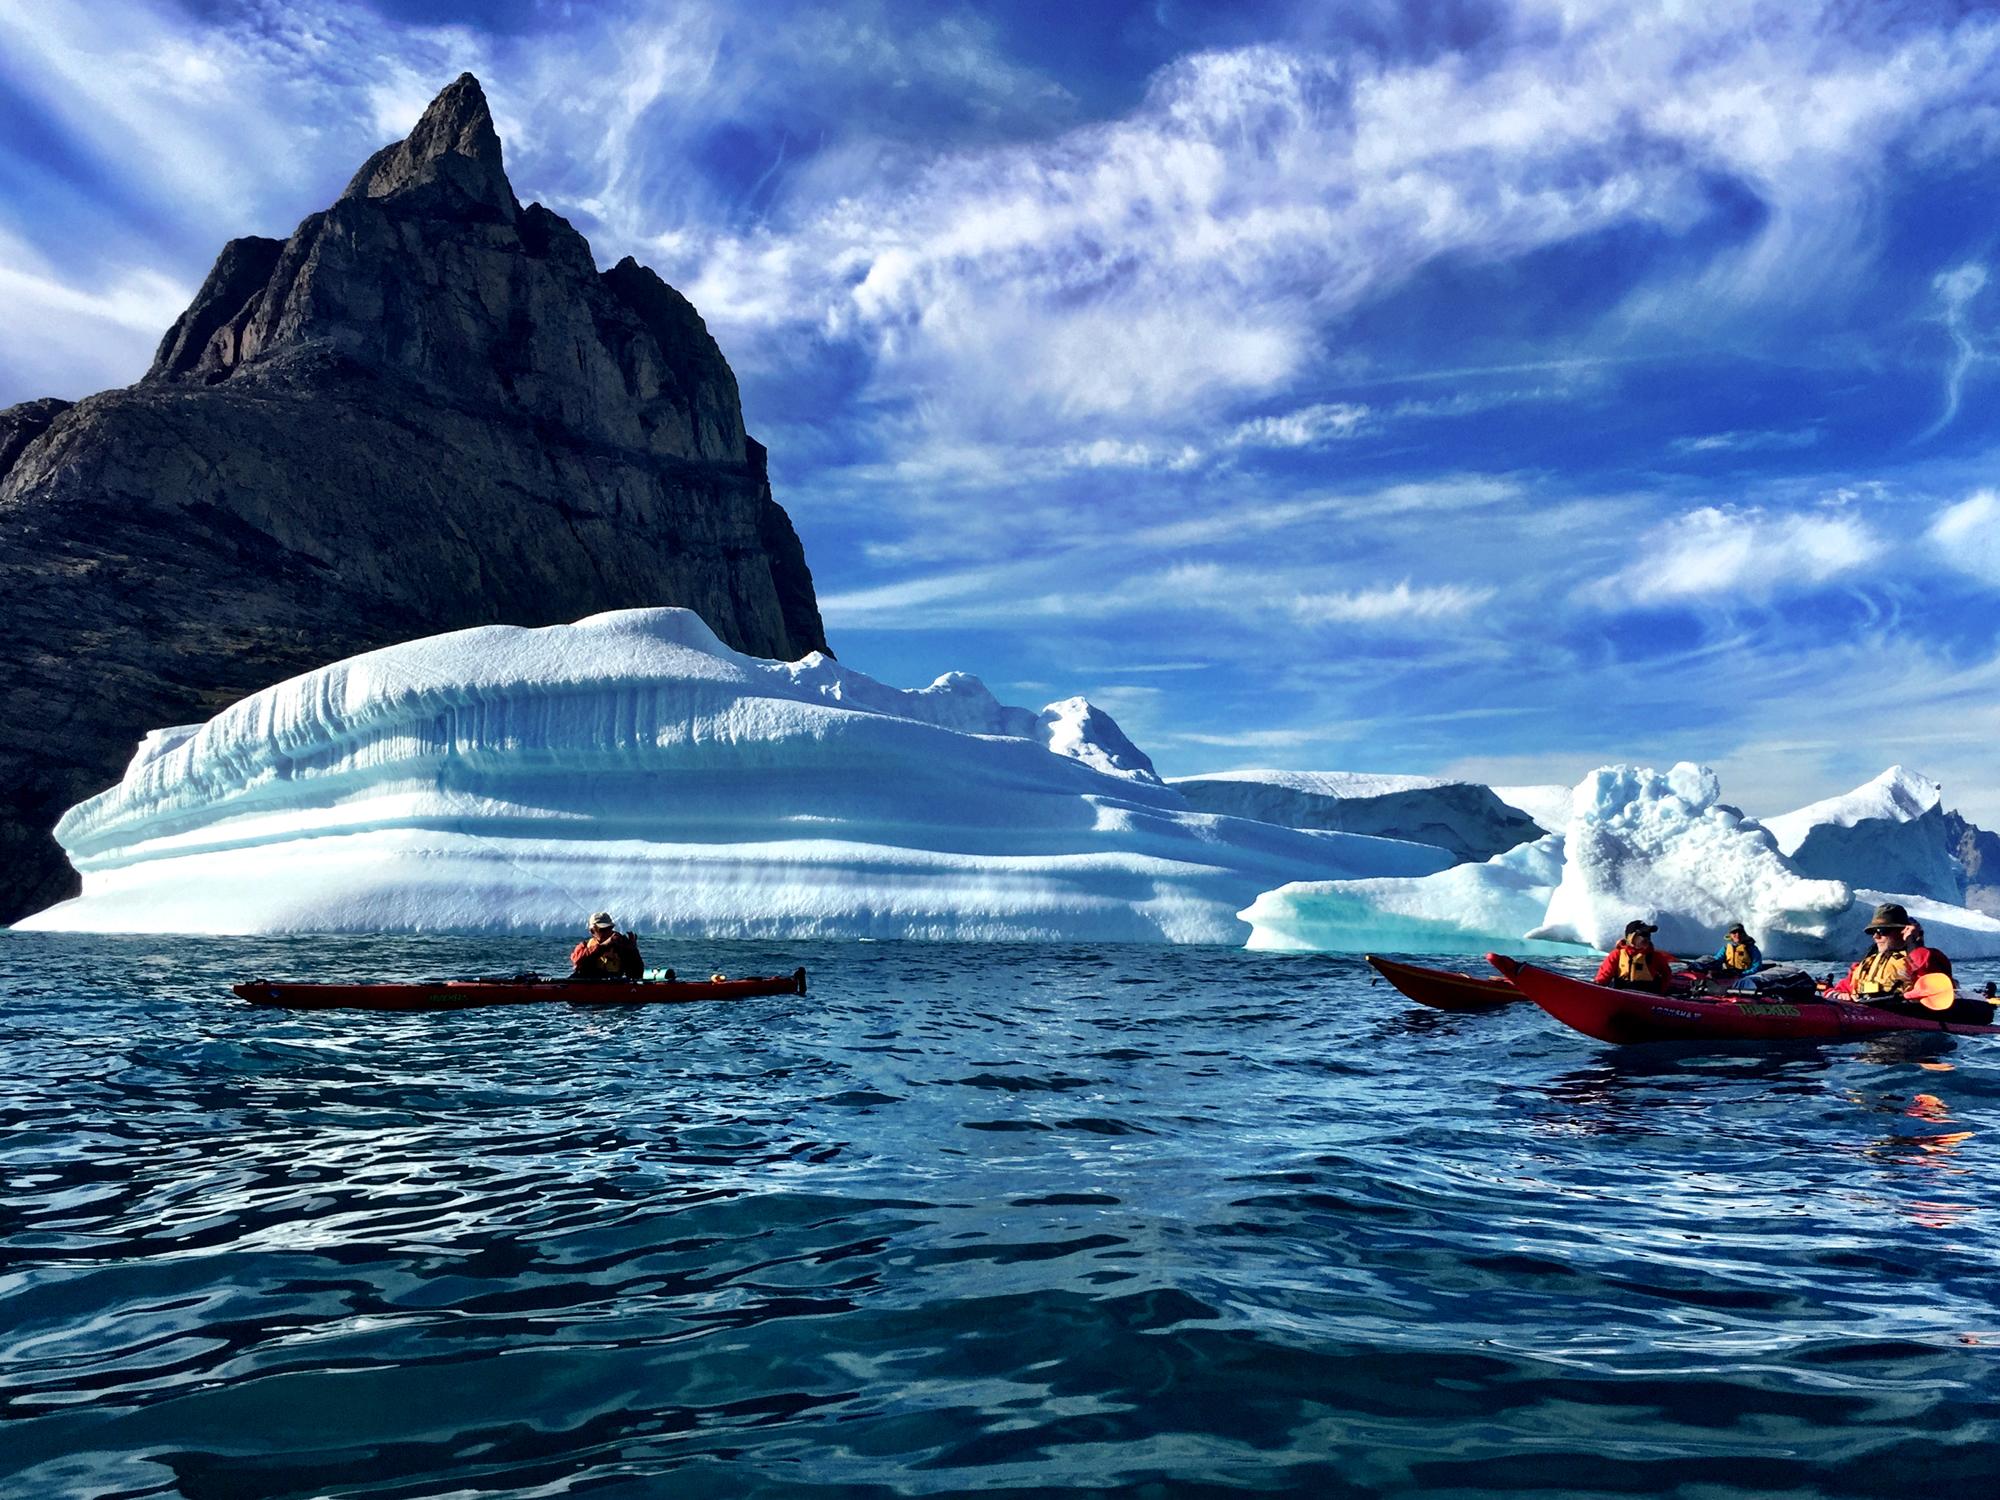 Boka Kajakresa till Grönland, Kroatien eller Indonesien